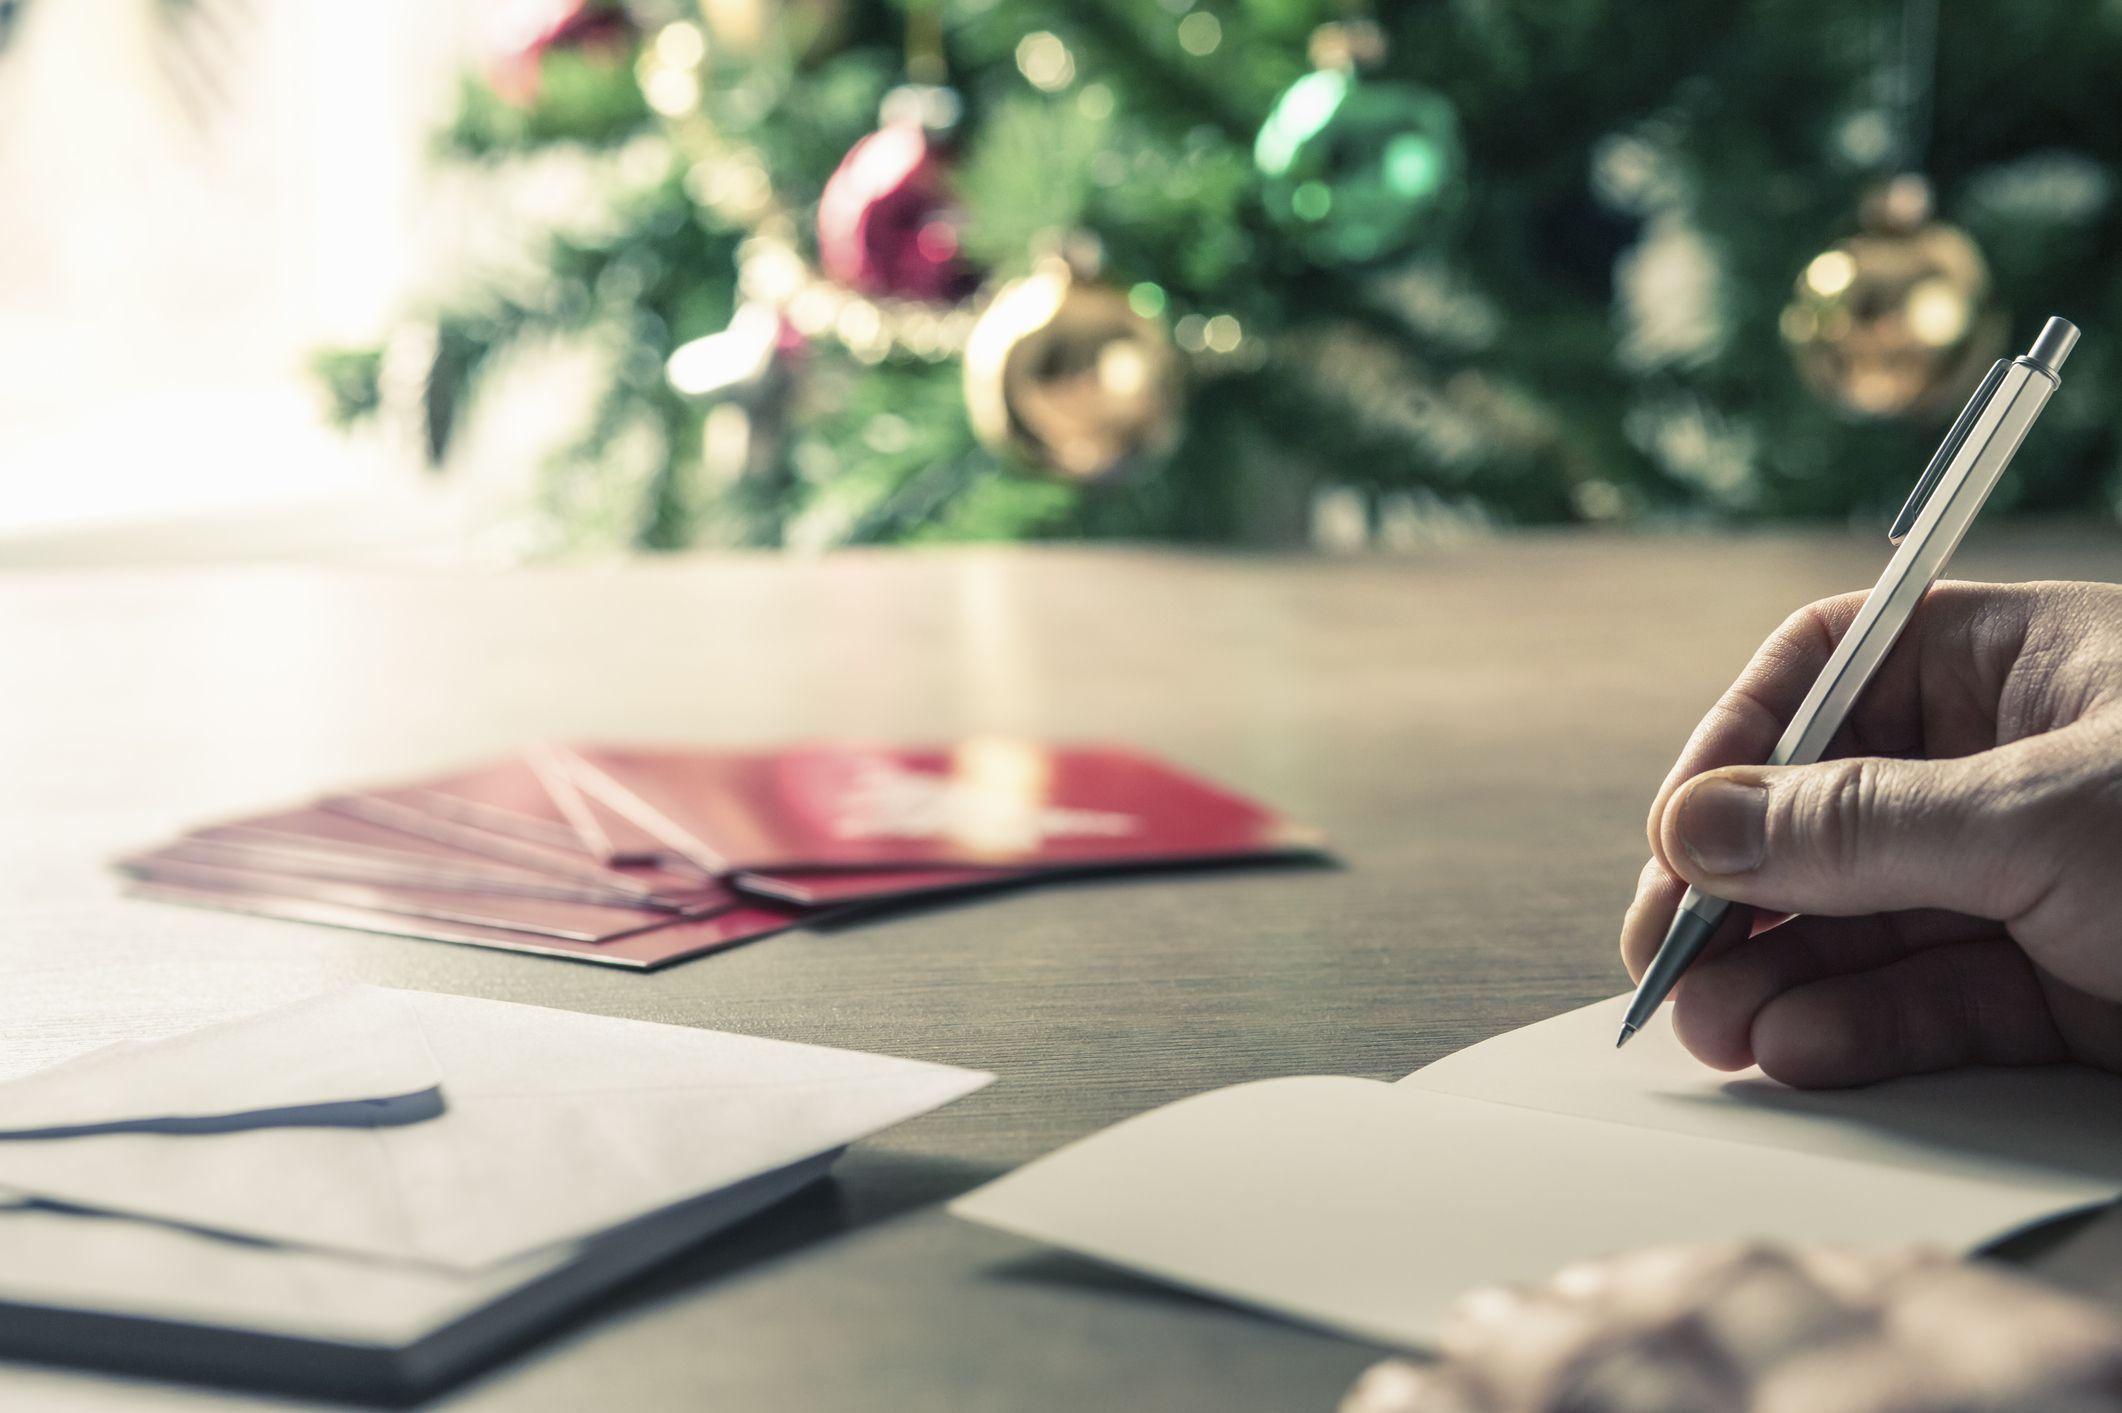 Felicitaciones De Navidad En Castellano.Deseos De Navidad En Ingles